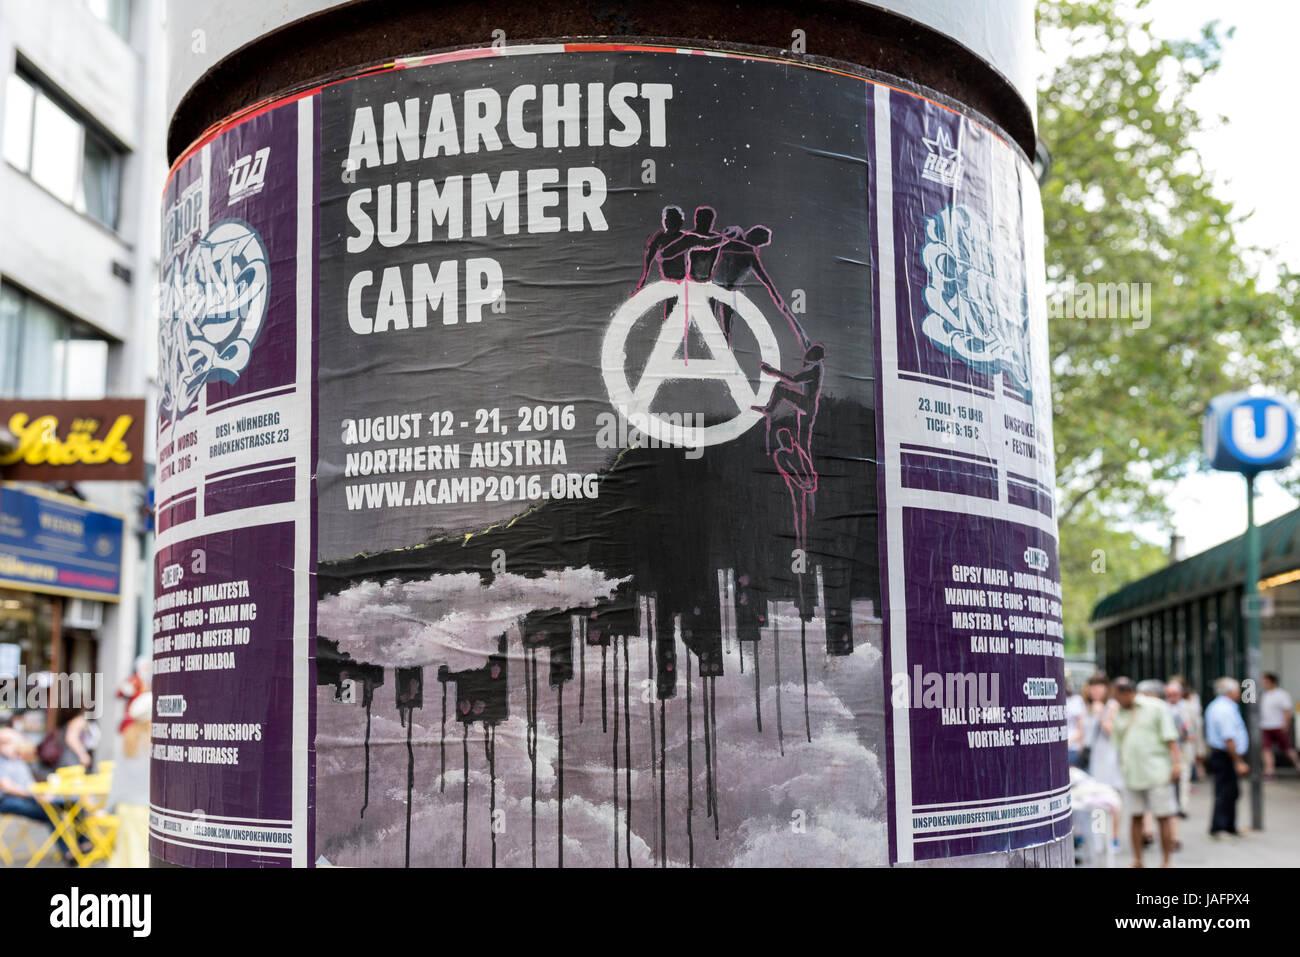 Anarchist Summer Camp sign, Vienna, Austria - Stock Image